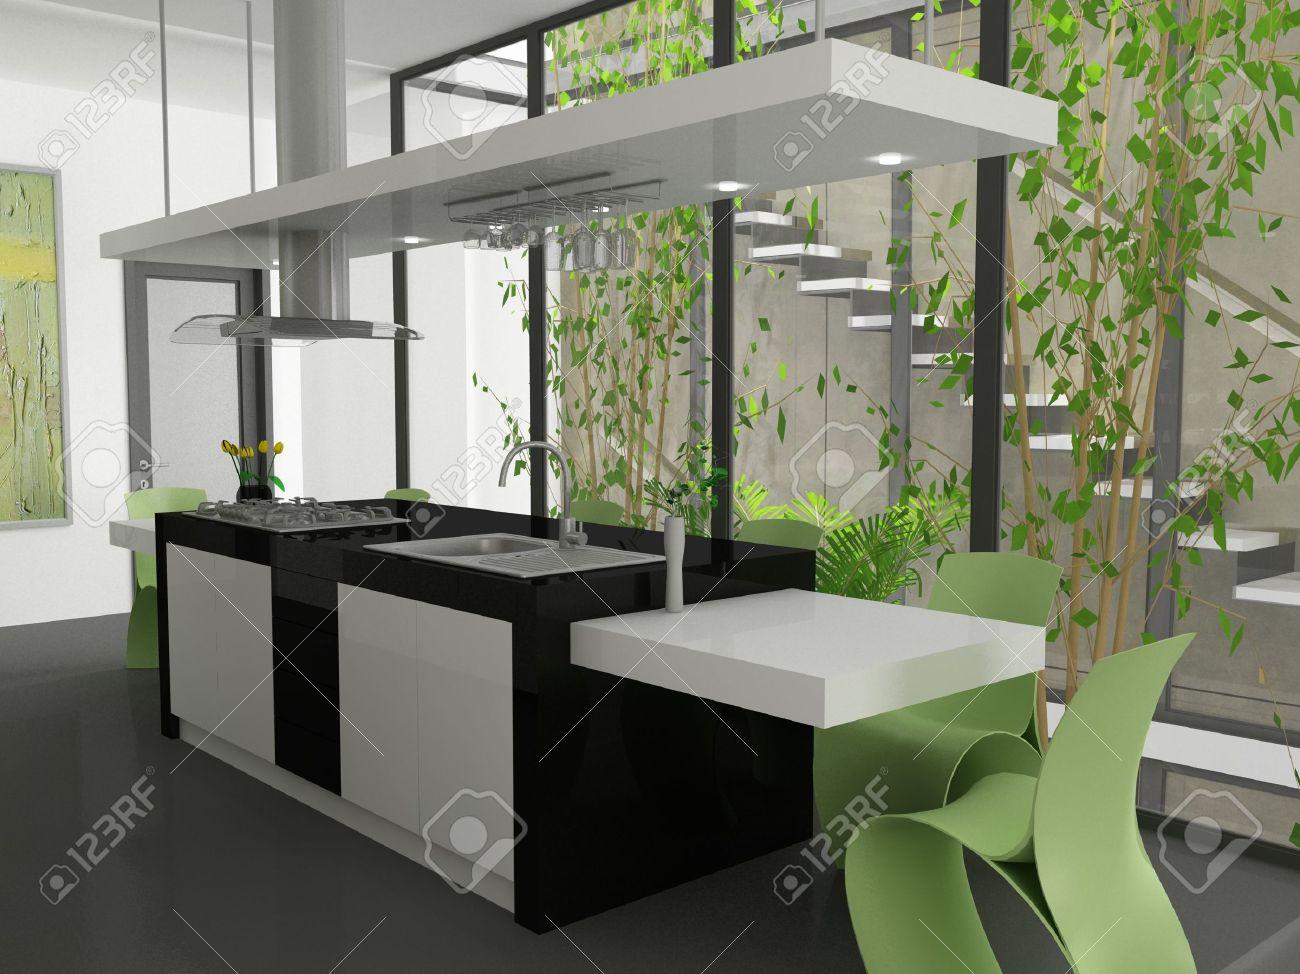 A 3d render of a modern kitchen island. - 5671178